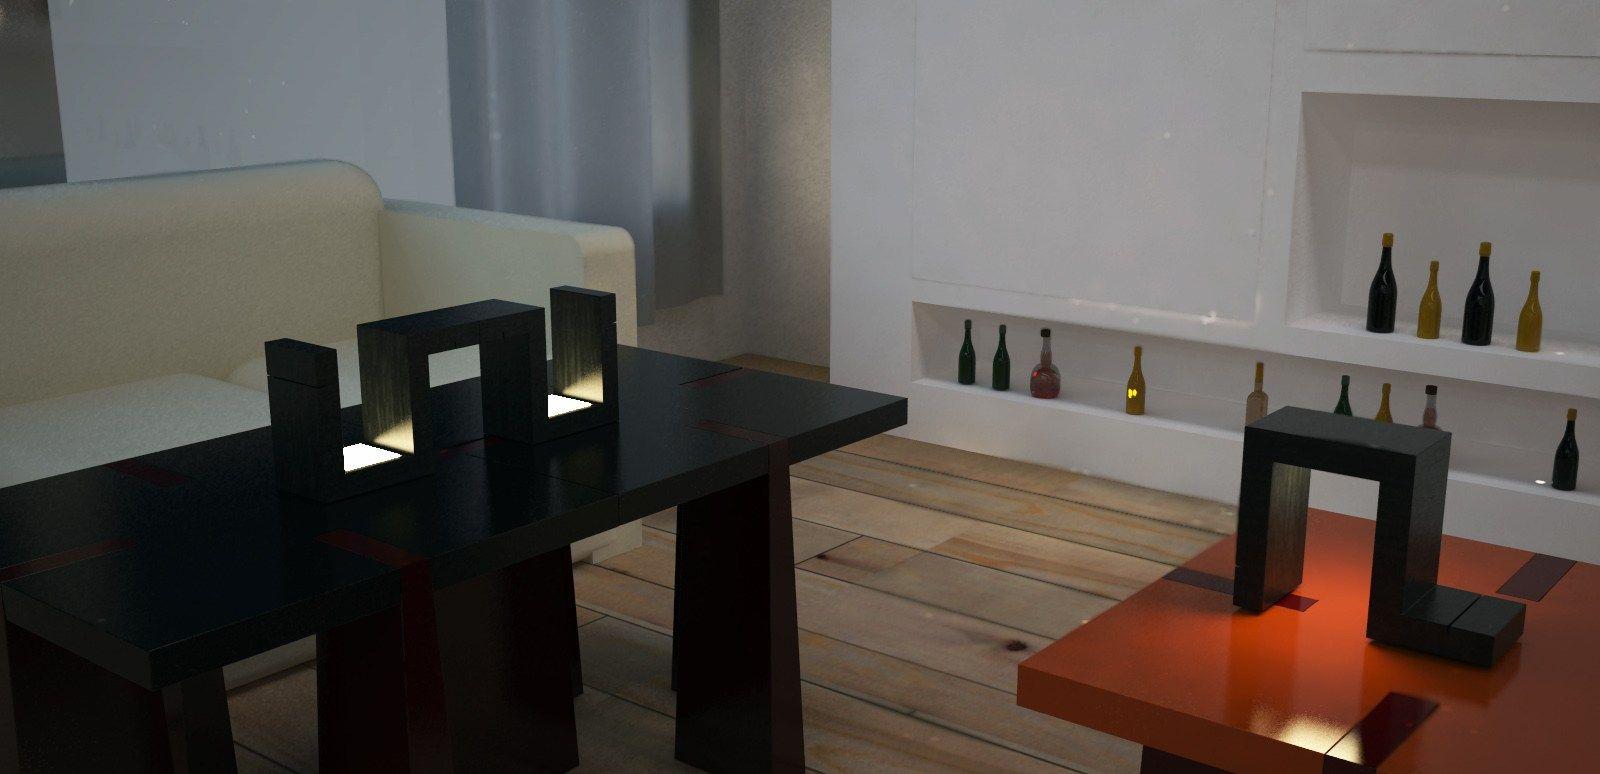 Lampada da tavolo a led orthos lampada da tavolo - Lampada da tavolo design ...